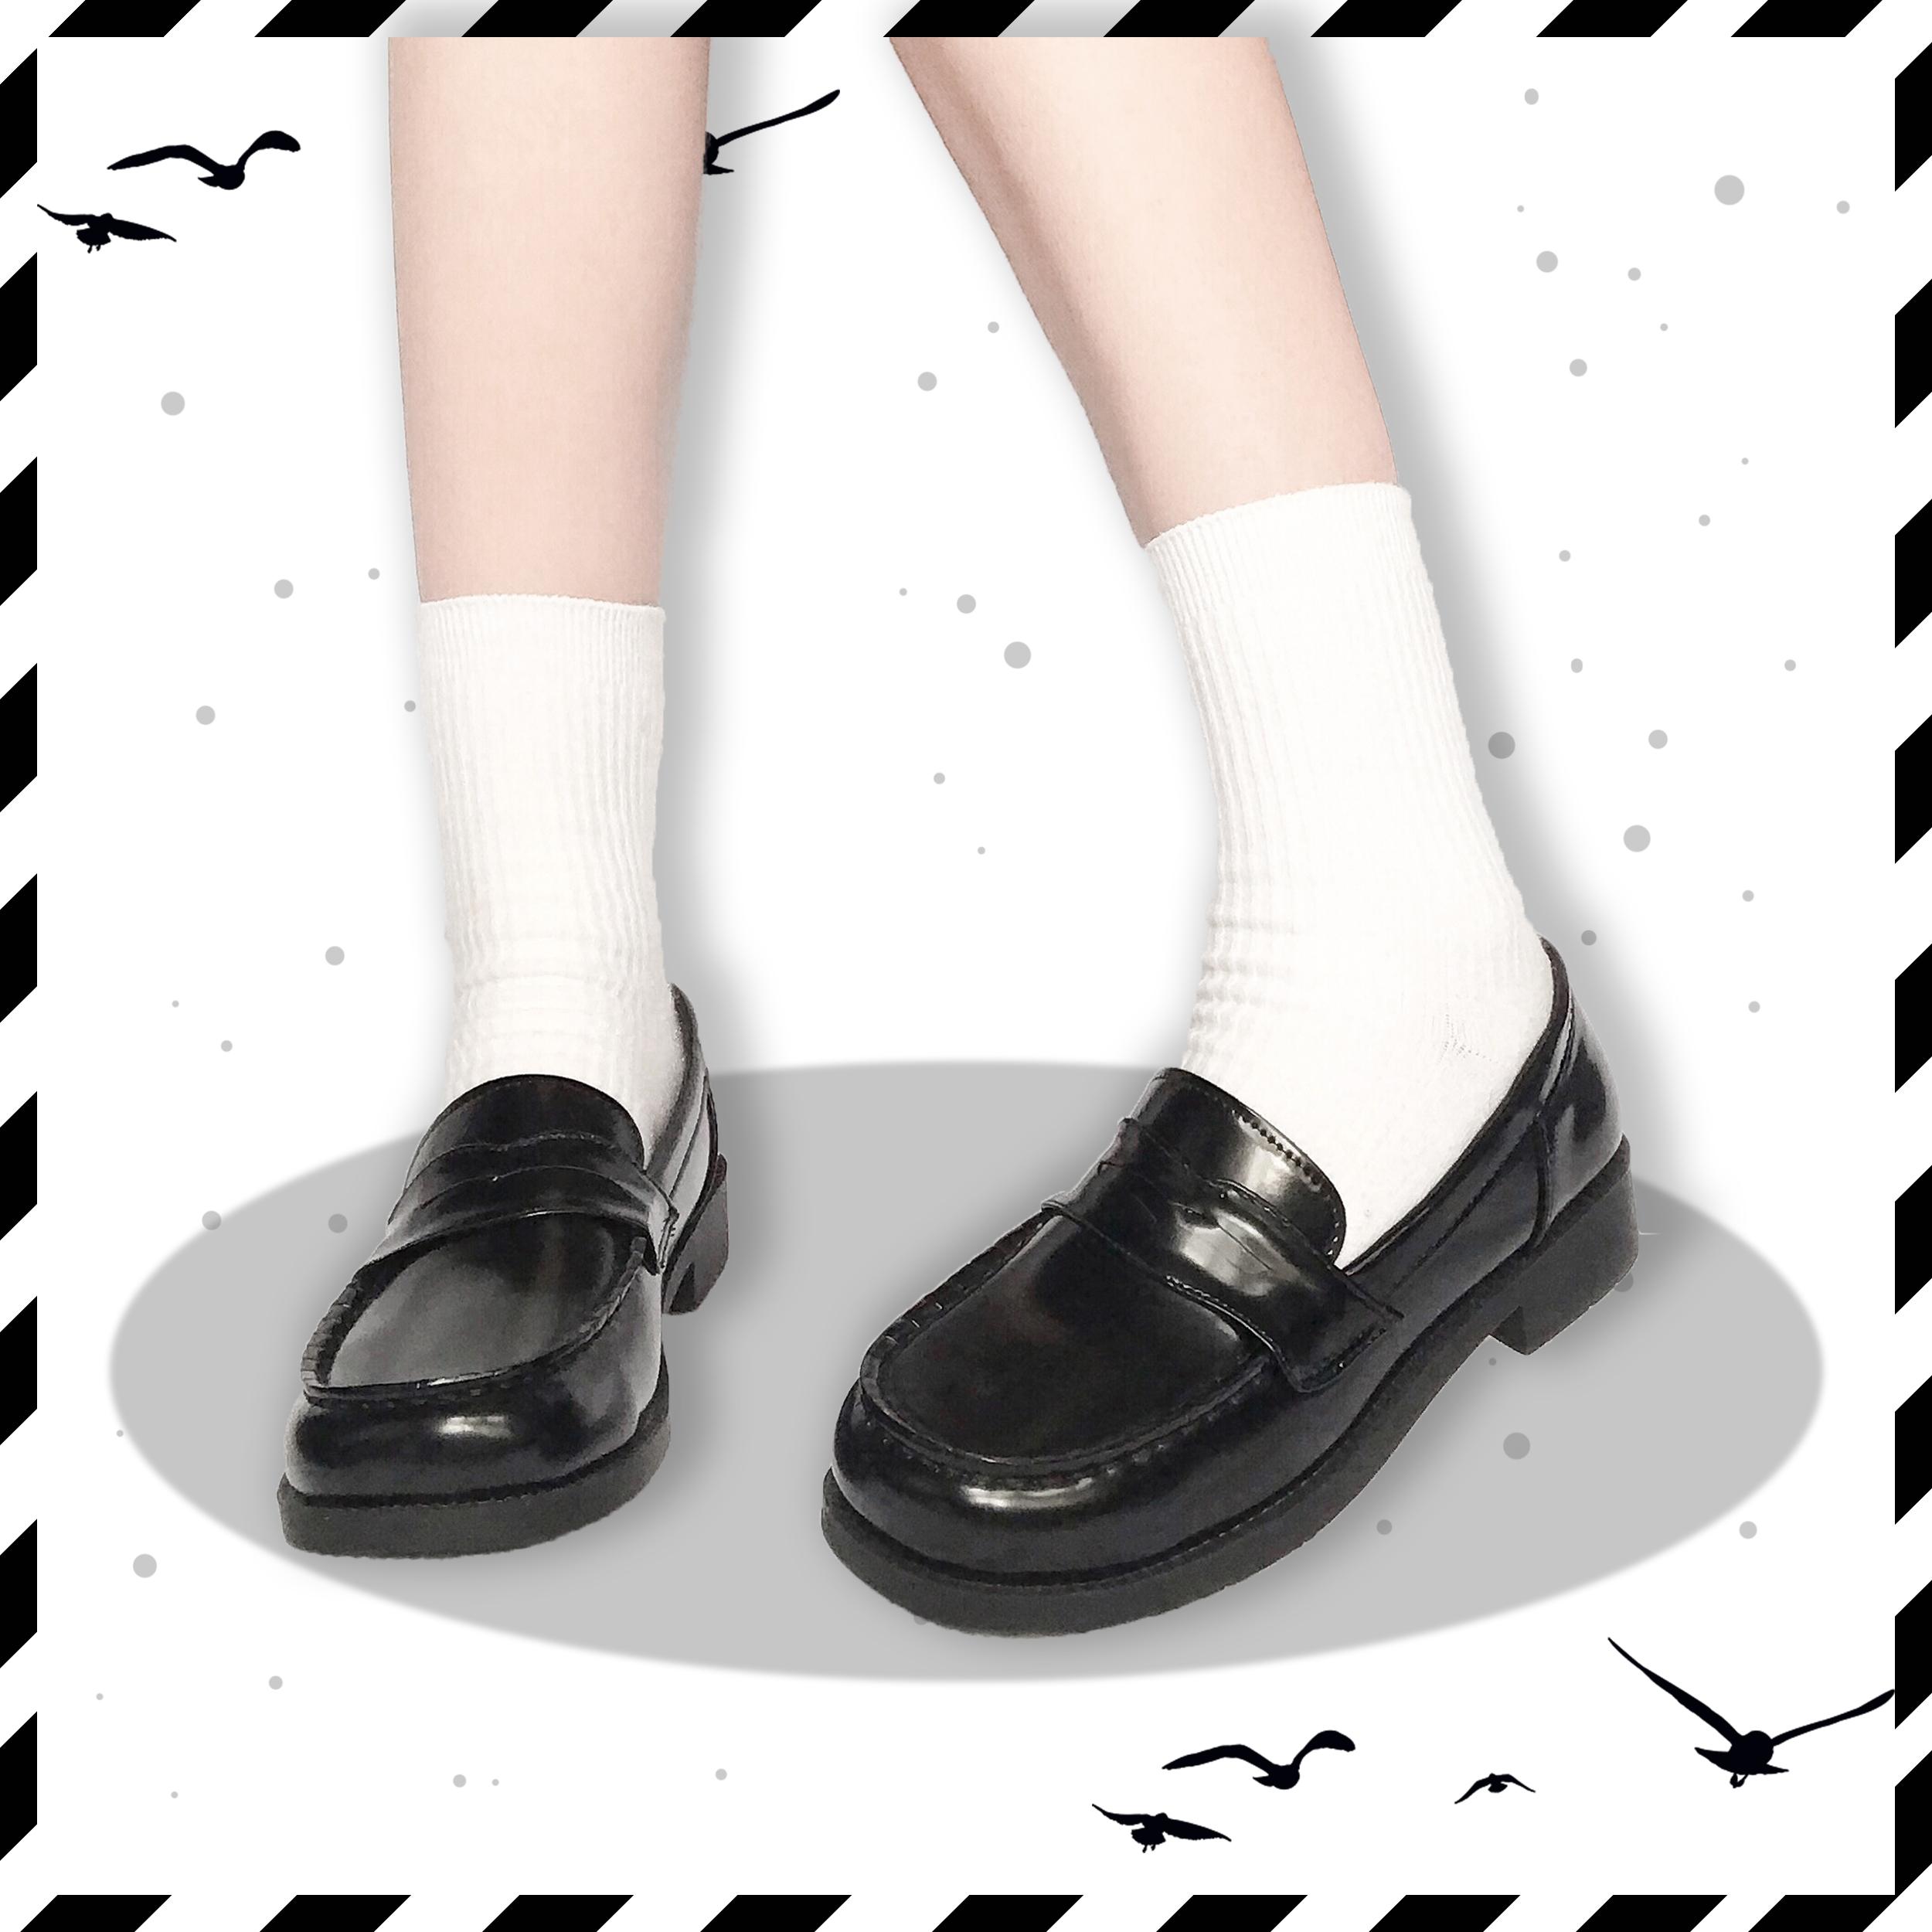 欧川高正统校供版型方圆头加软防掉跟制服鞋单鞋浅口中低跟 现货